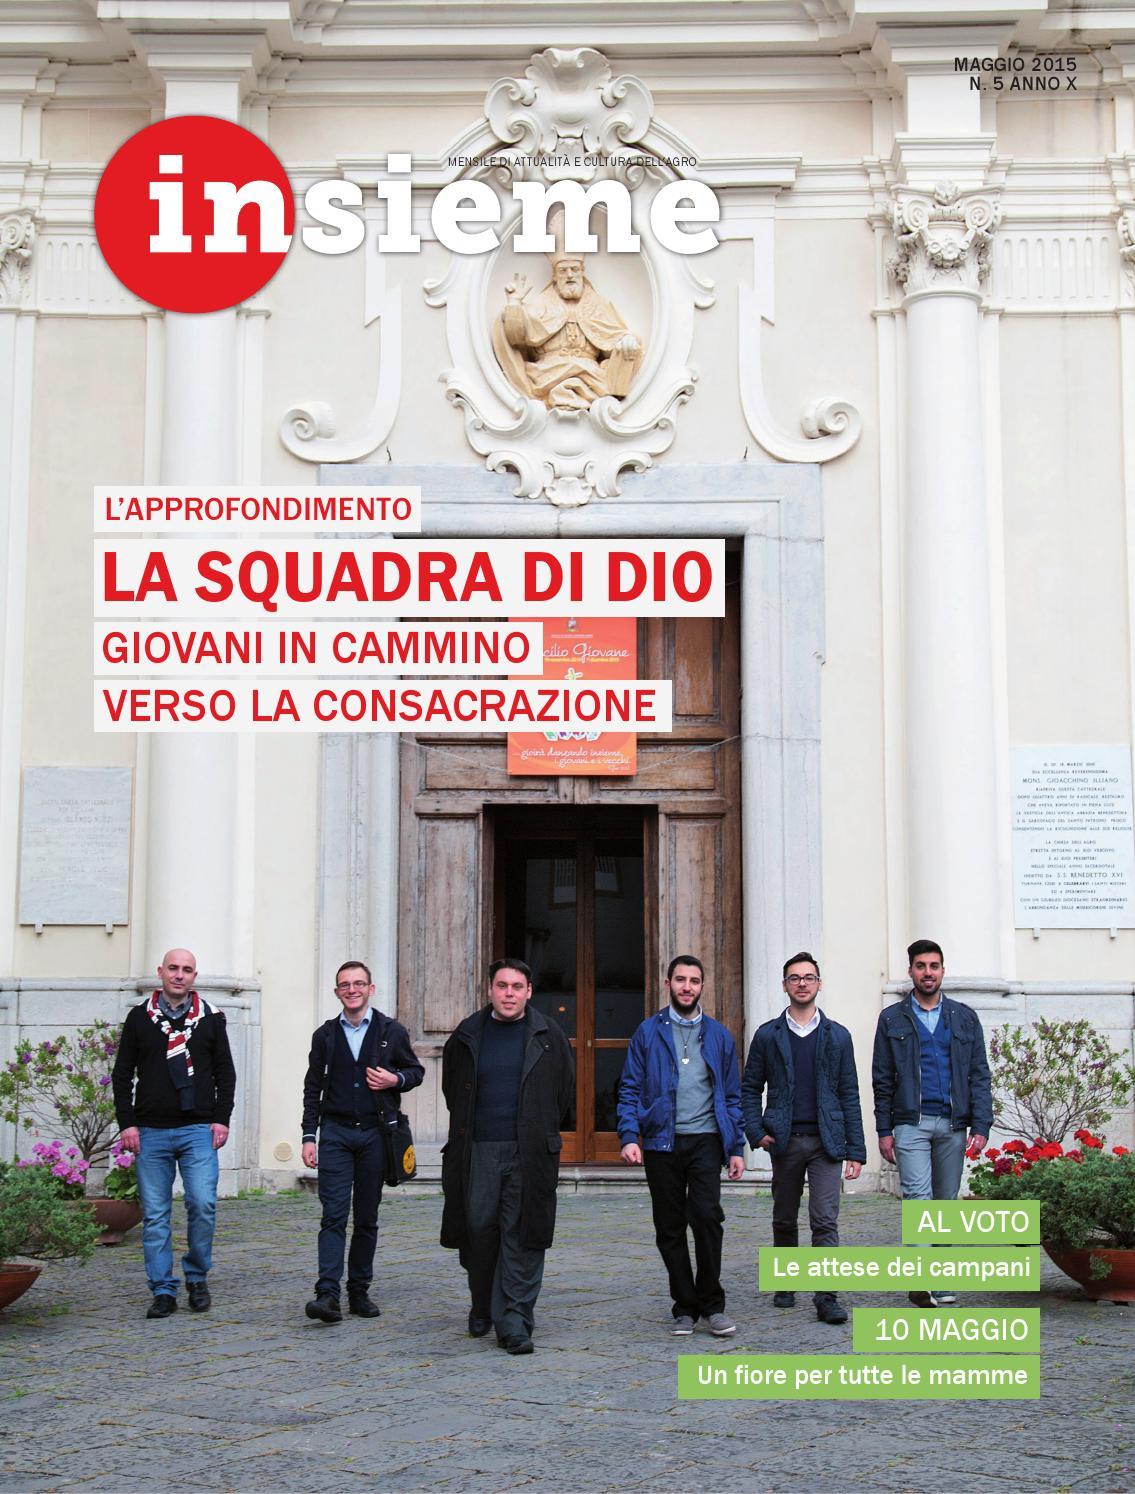 Cucina Della Mamma Nocera Inferiore insieme - maggio 2015 by diocesi nocera inferiore-sarno - issuu